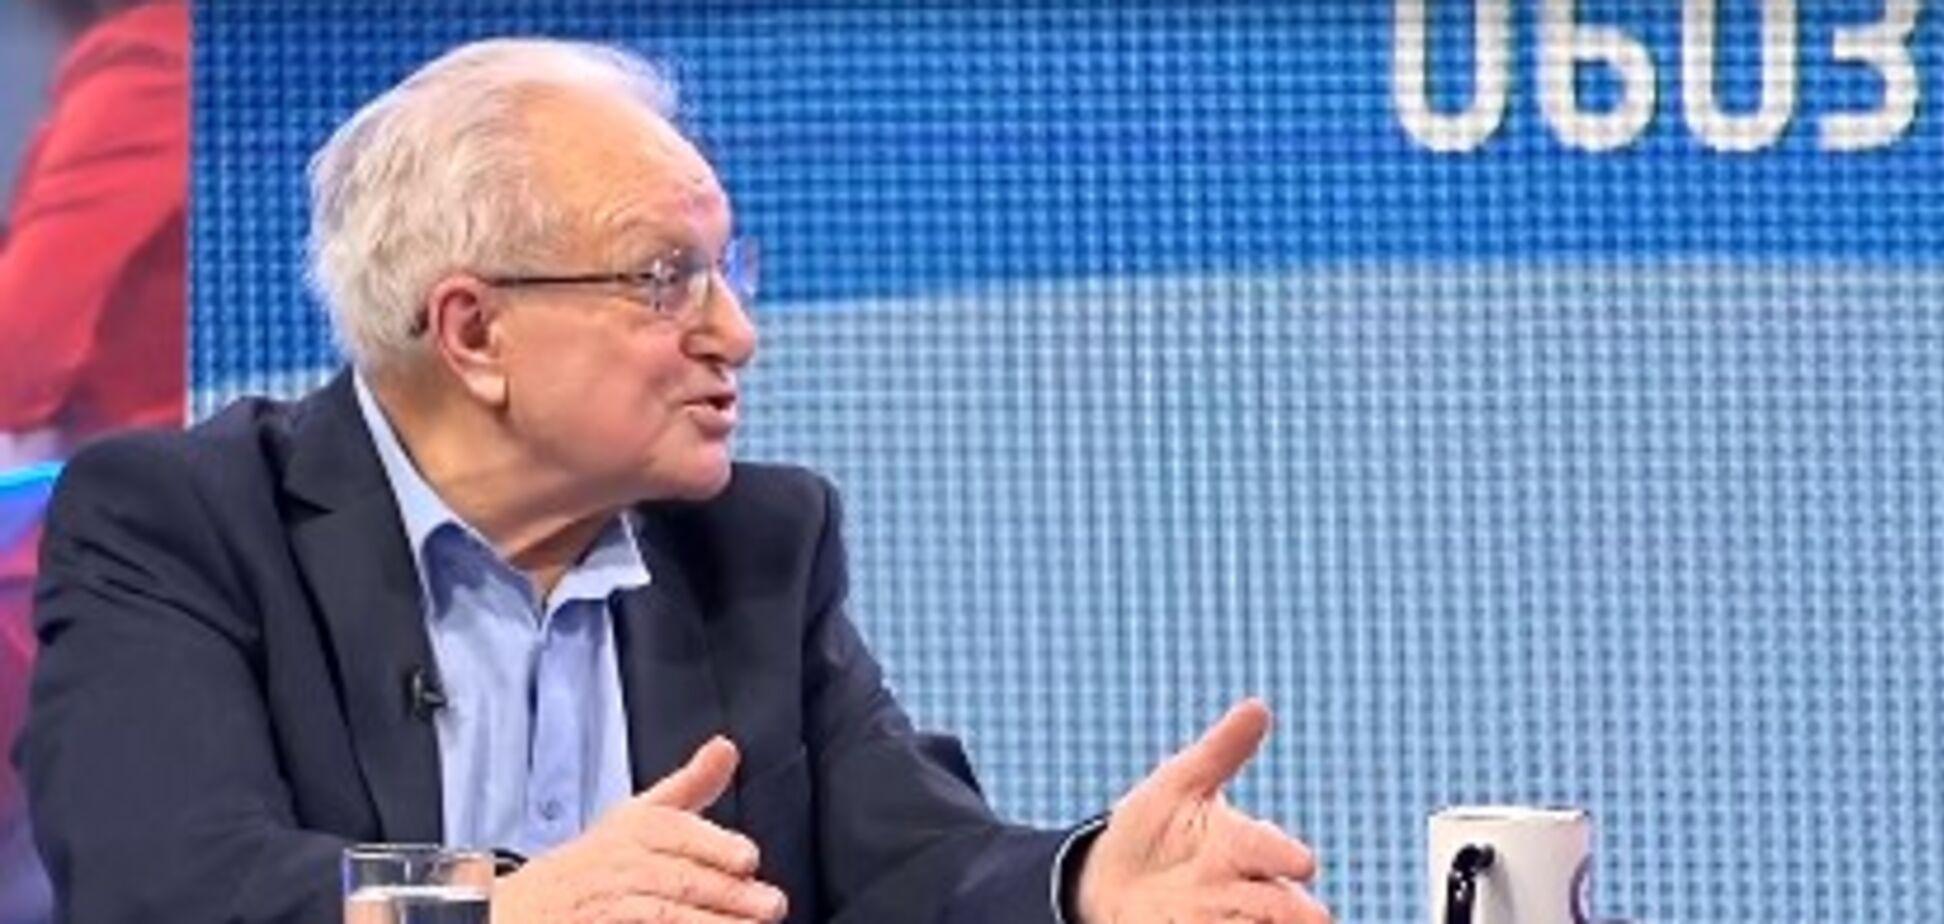 Посол України звинуватив Росію у тяжкому військовому злочині